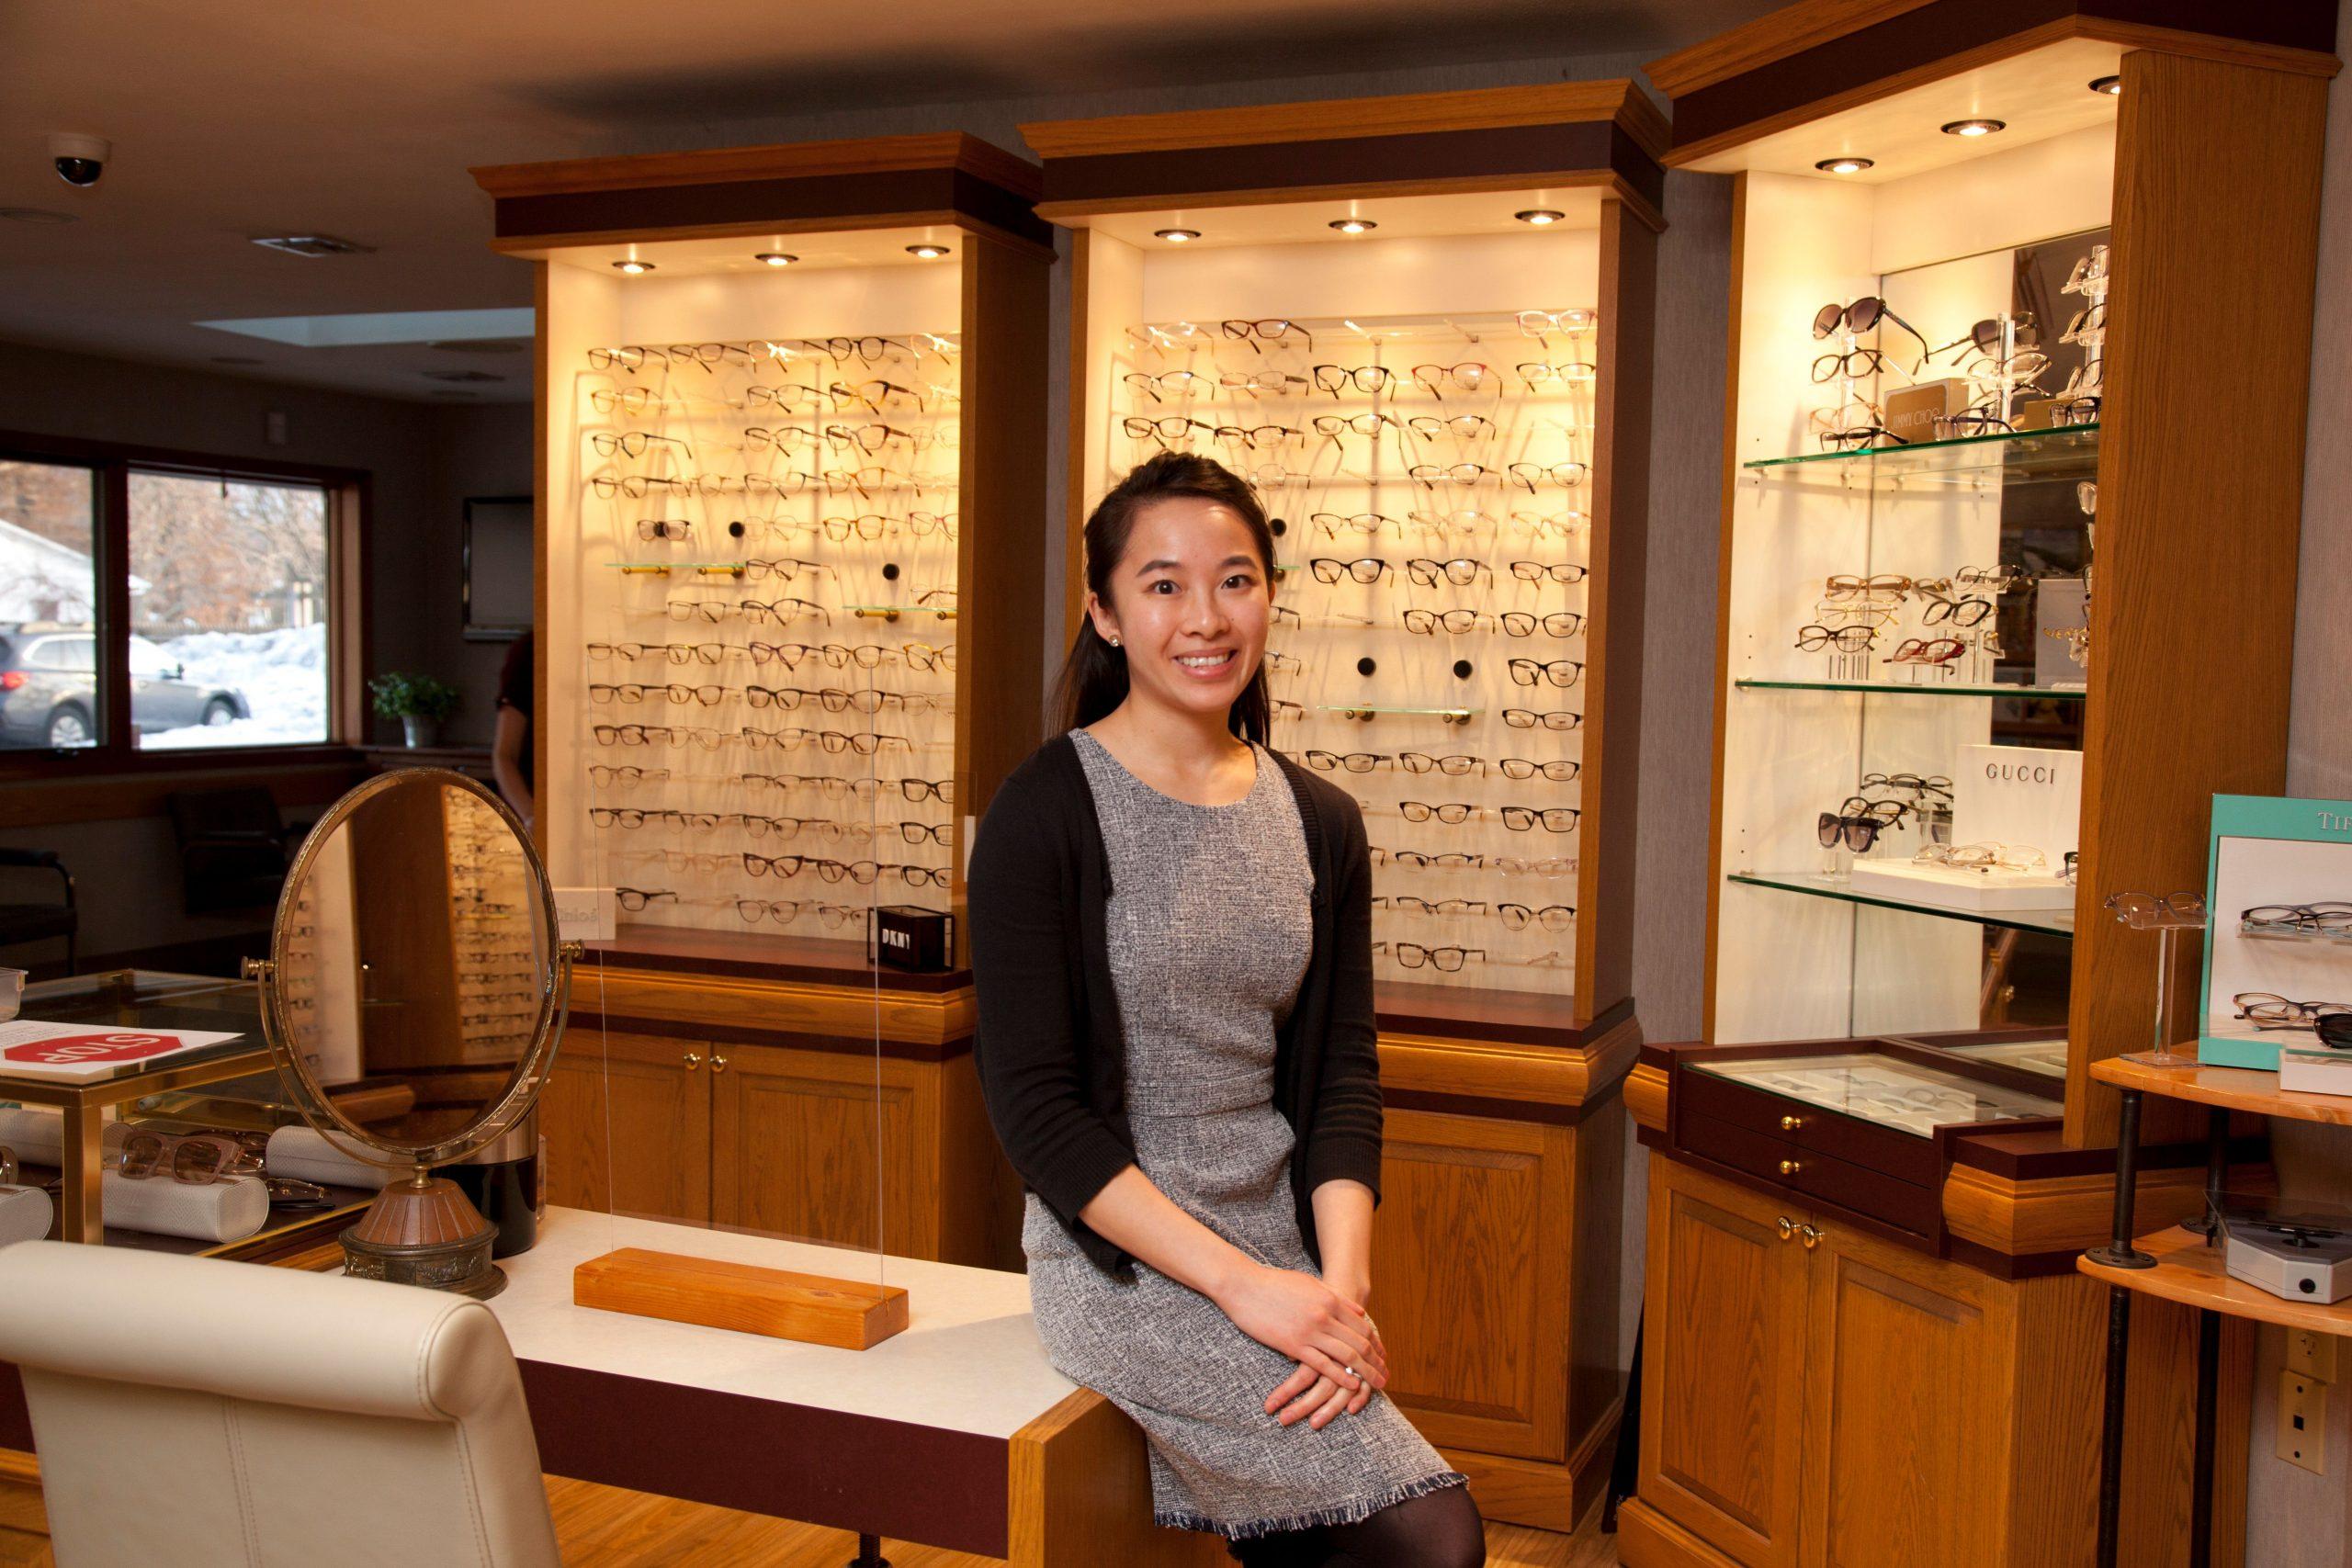 Doctor of Optometry